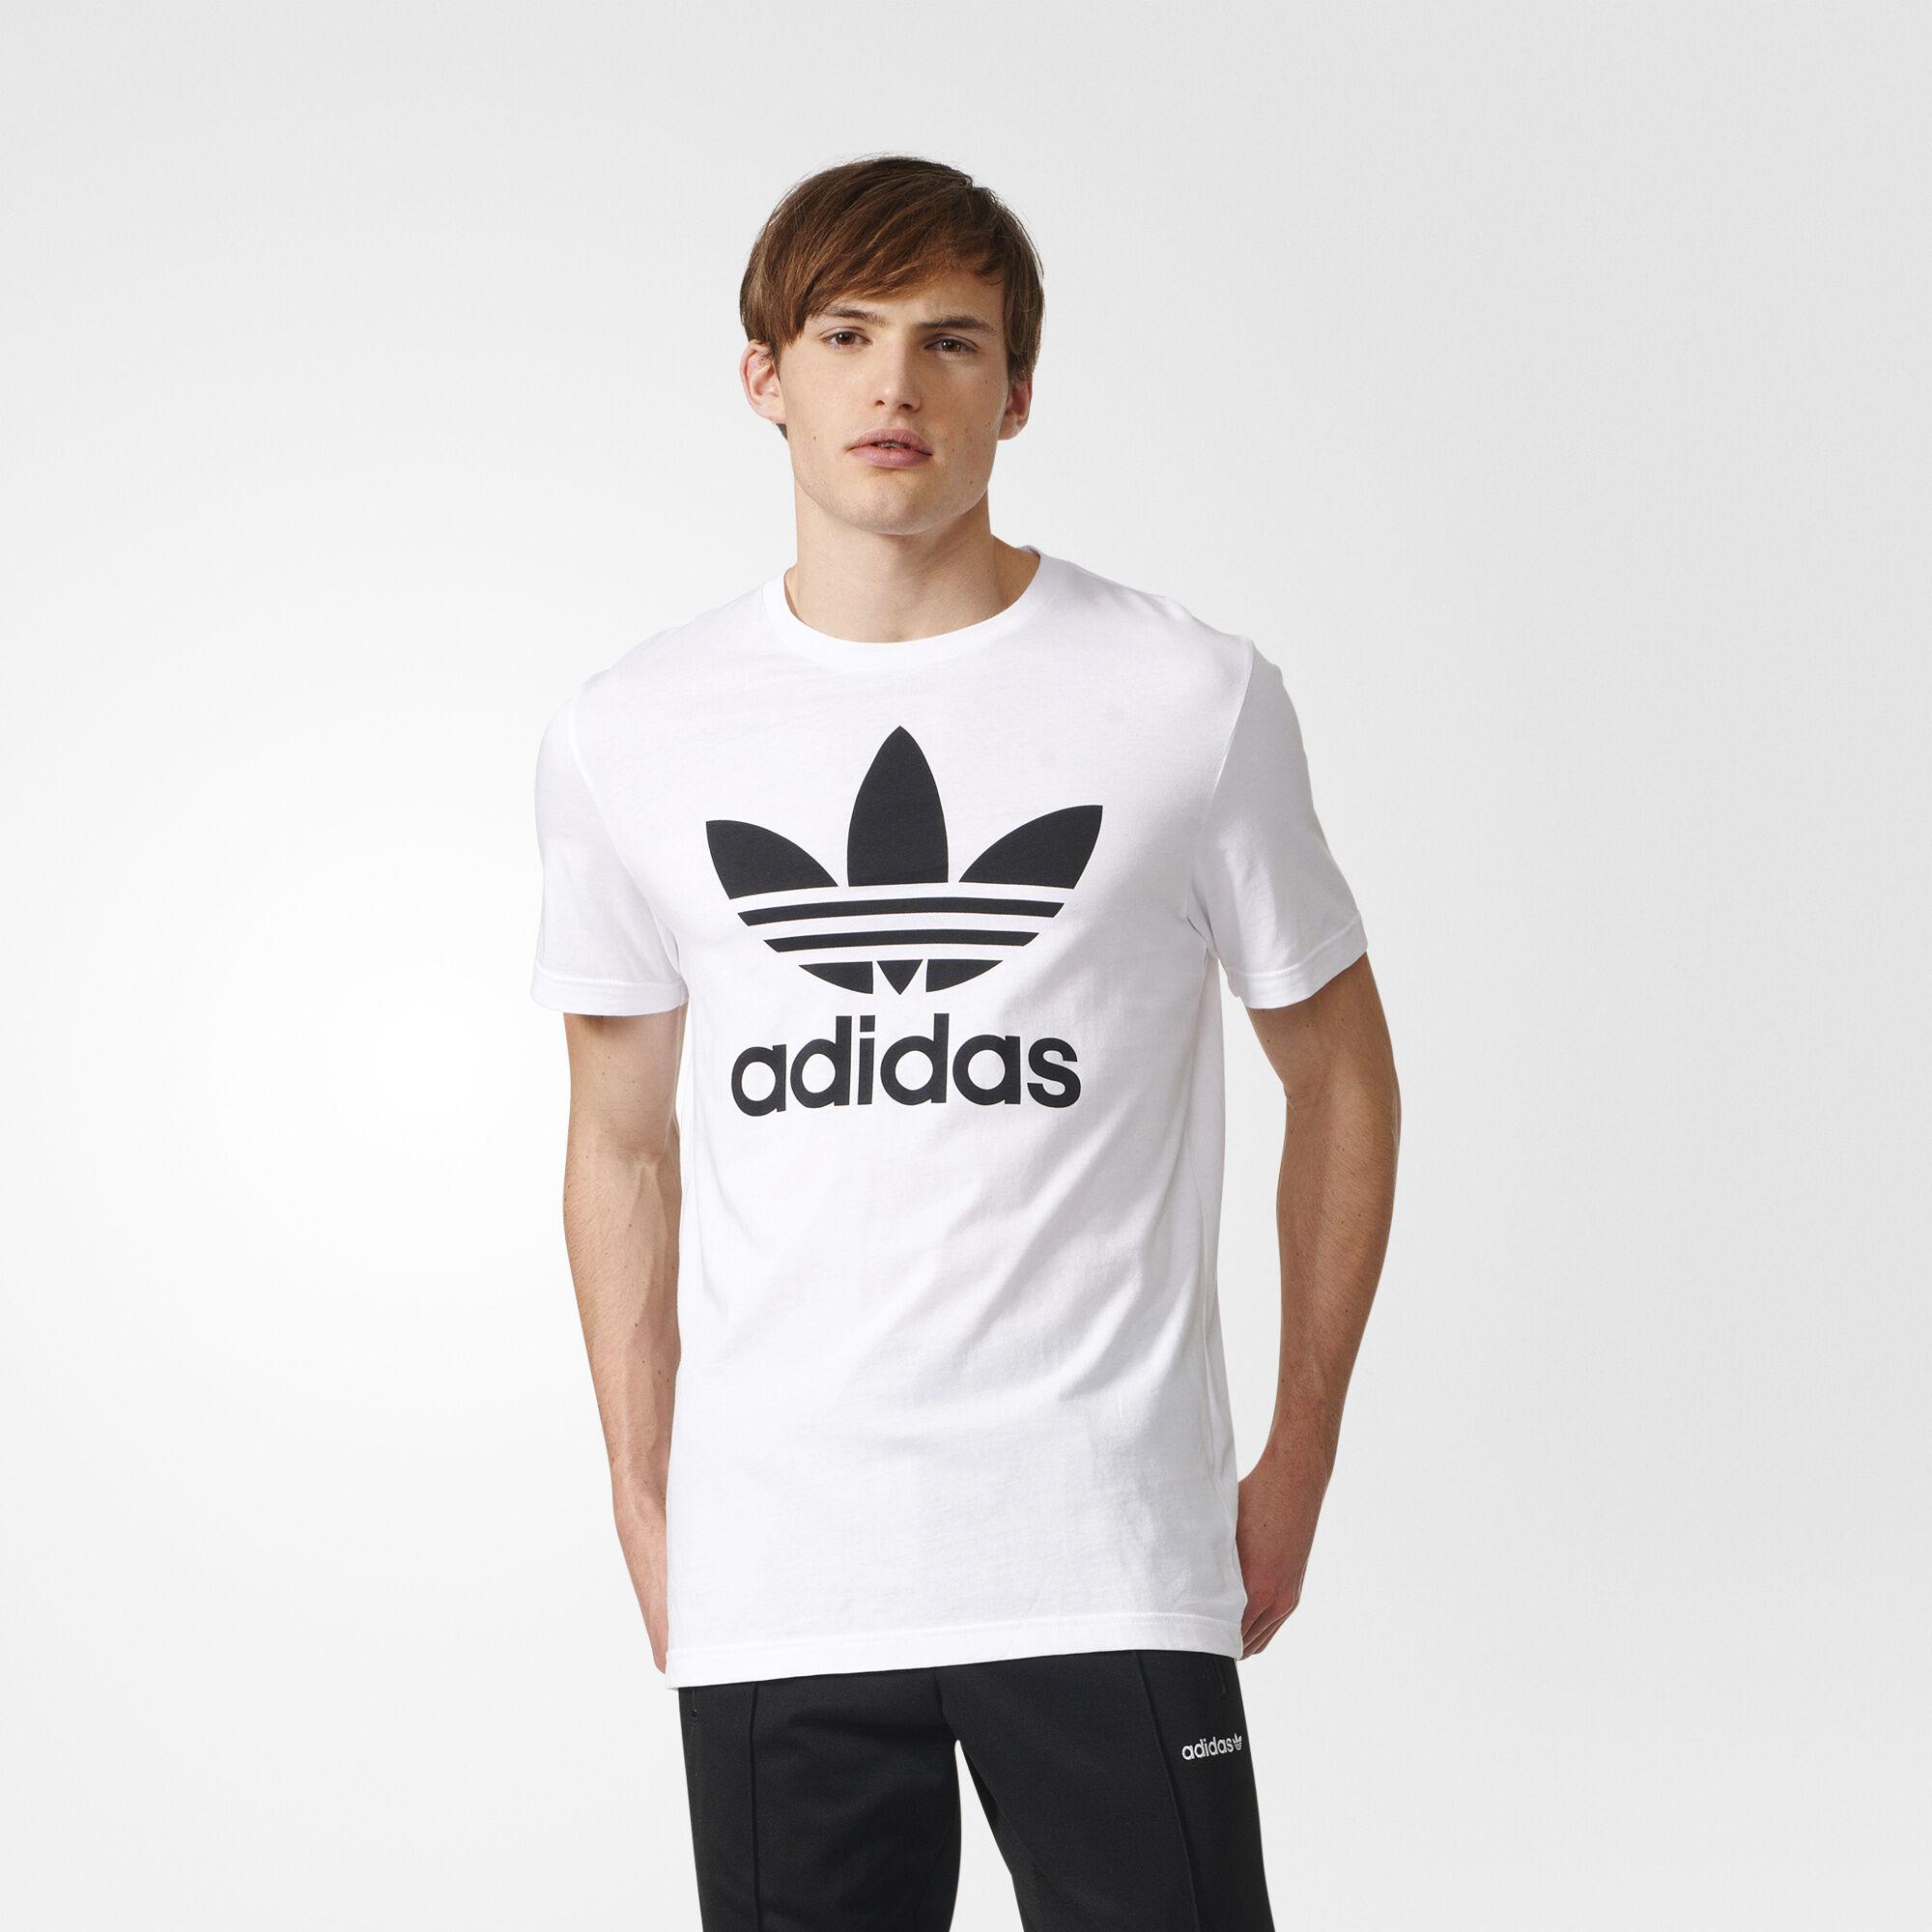 T shirt adidas white - Adidas Trefoil Tee White Aj8828